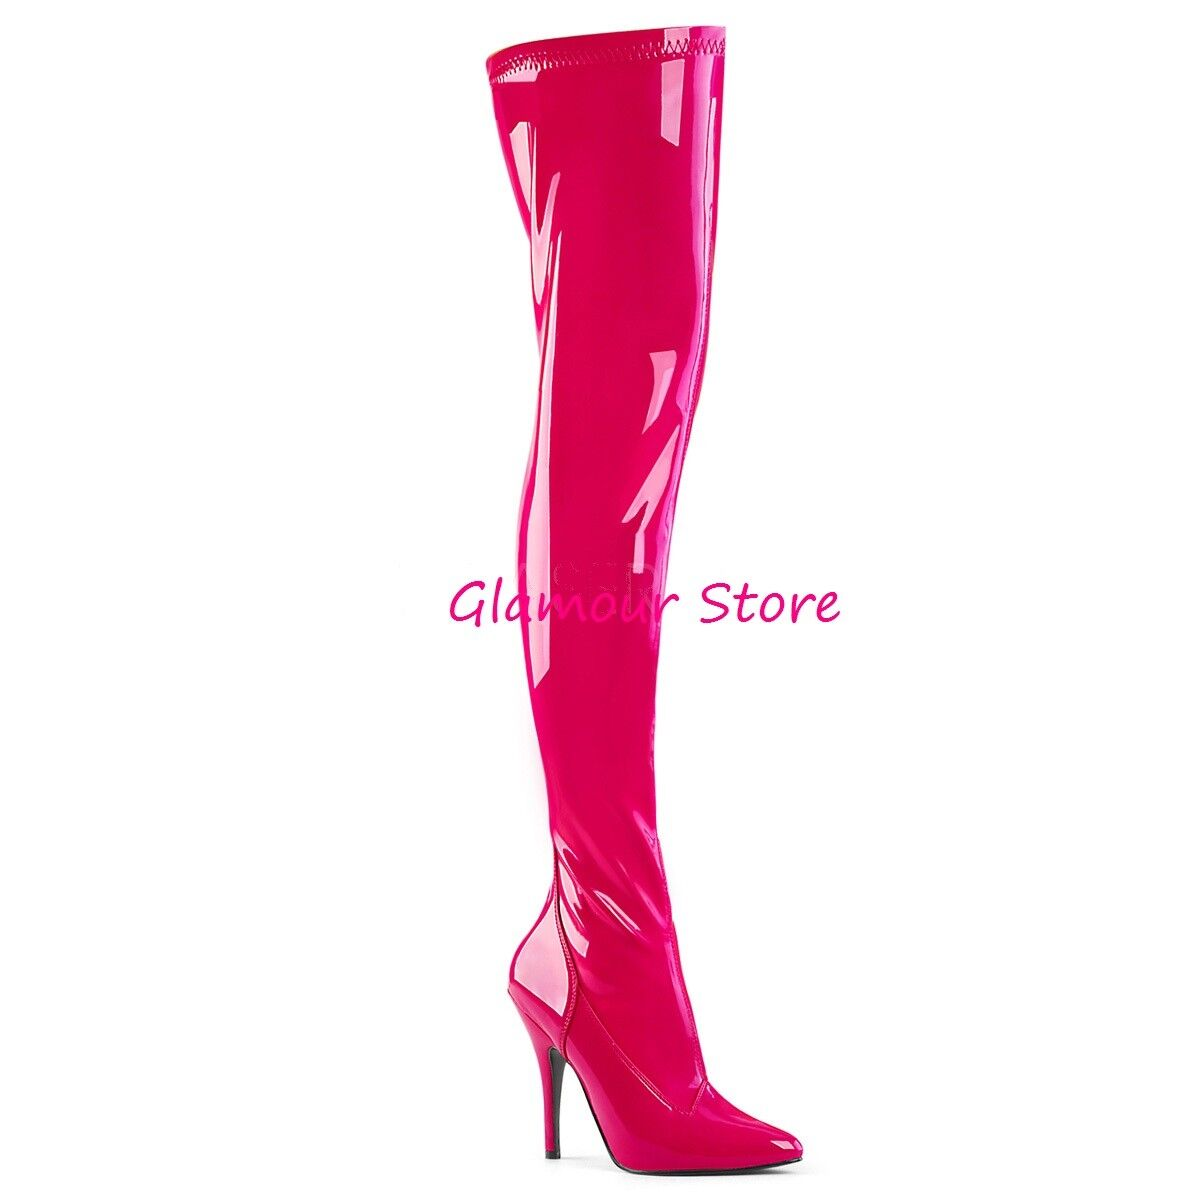 articoli promozionali Sexy STIVALI COSCIA tacco 13 13 13 rosa ACCESO dal 36 al 46 ZIP scarpe GLAMOUR  Sconto del 70%